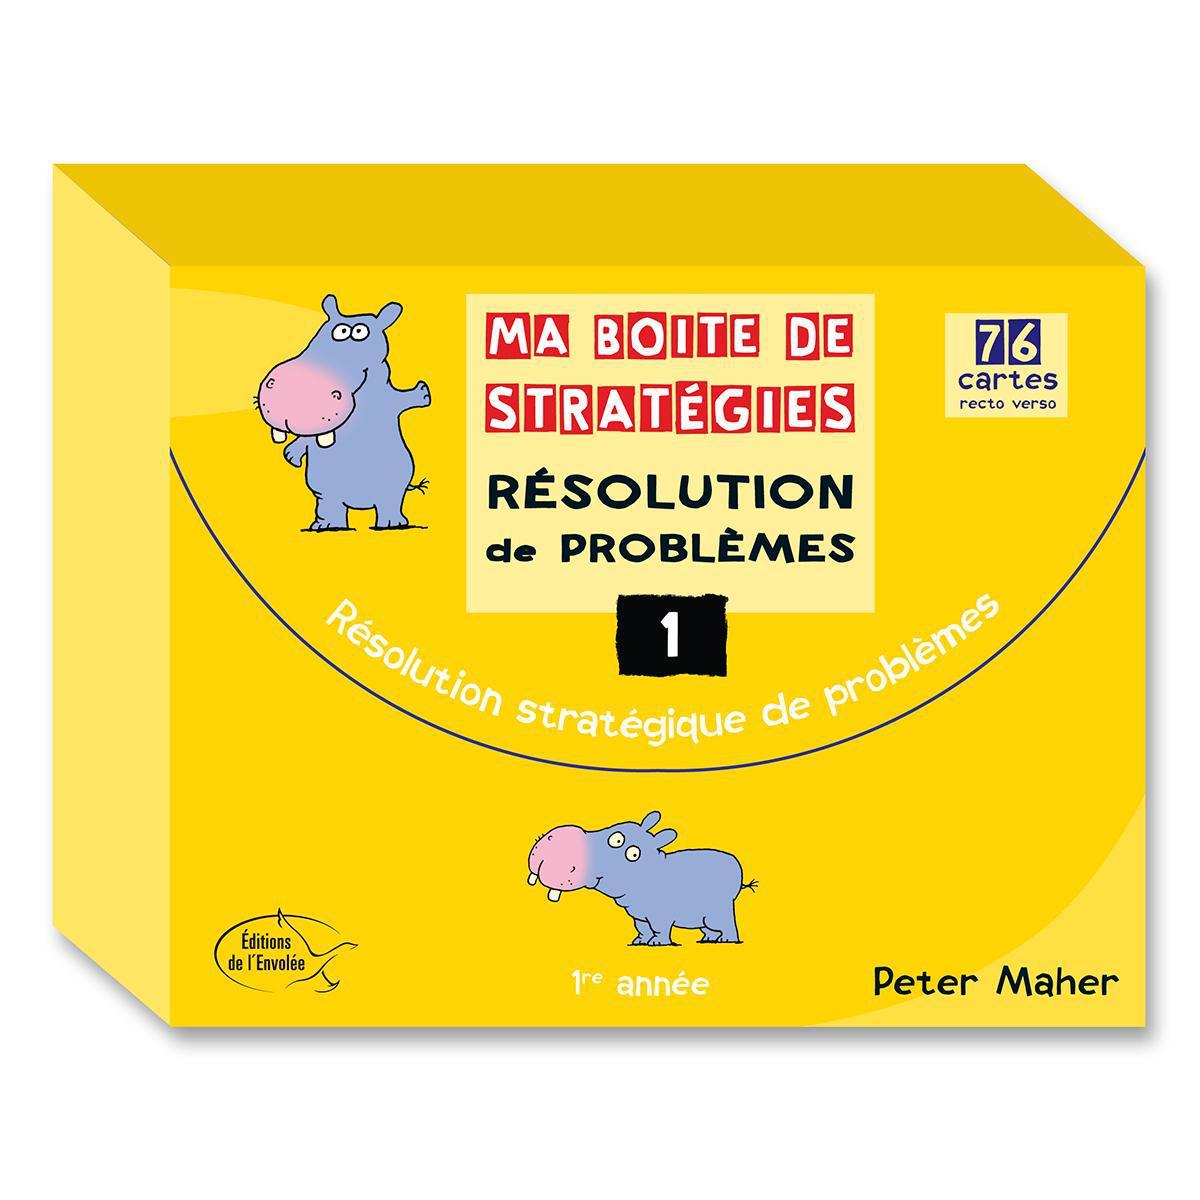 Ma boite de stratégies - Résolution de problèmes: 1re année